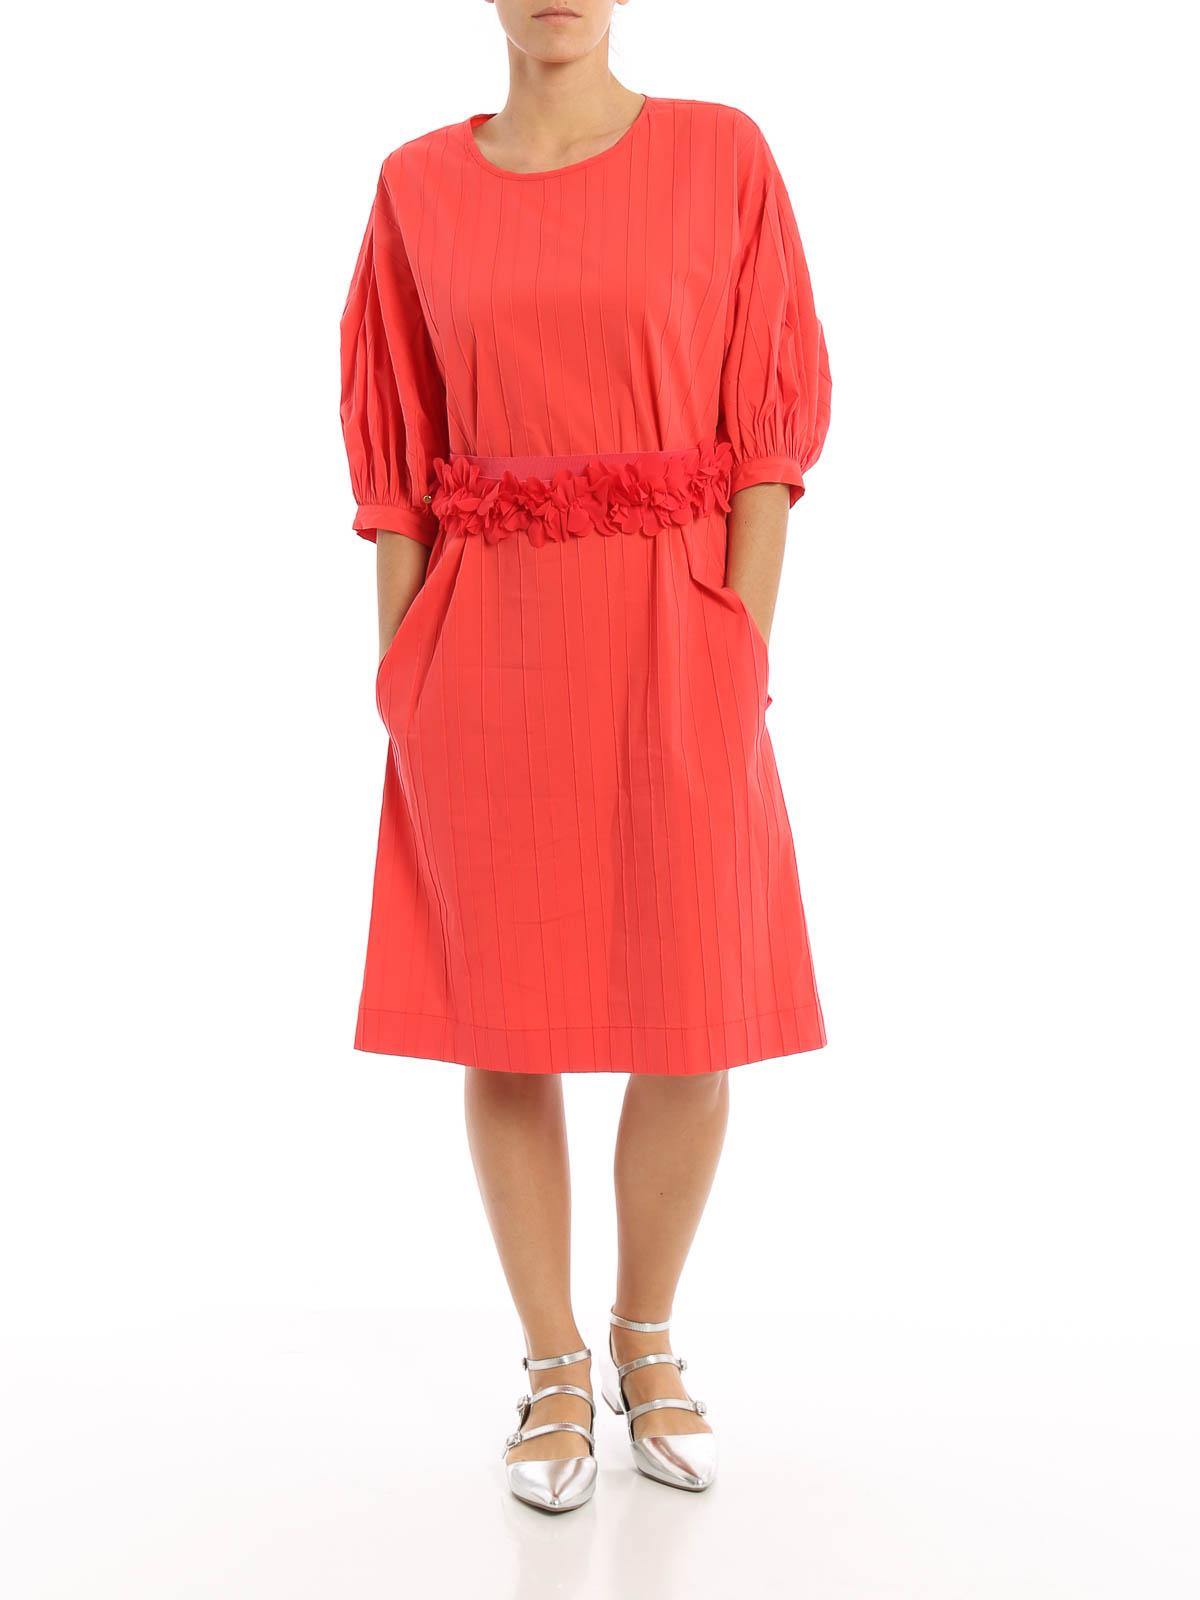 Blumarine - Knielanges Kleid - Koralle - Knielange Kleider - 10